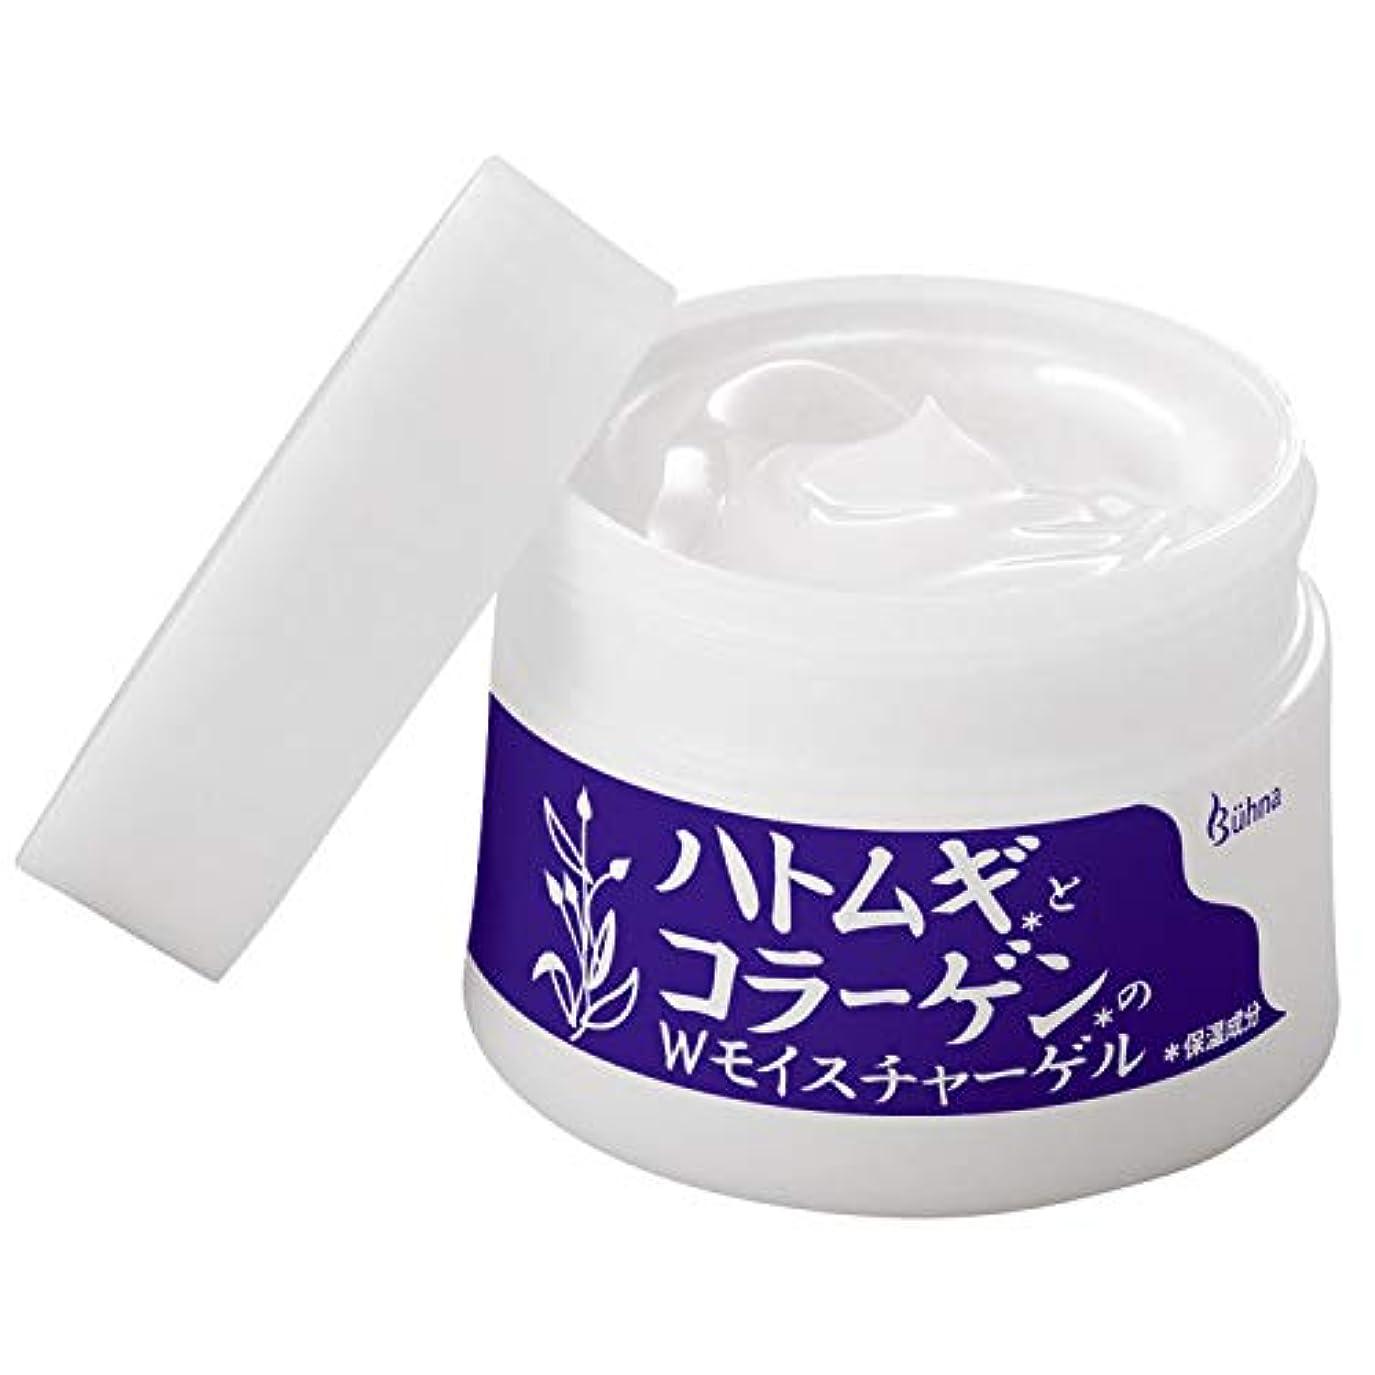 ロータリーヘア一般的に言えばビューナ ハトムギとコラーゲンのWモイスチャーゲル150g 保湿 オールインワン 美容液 化粧水 乳液